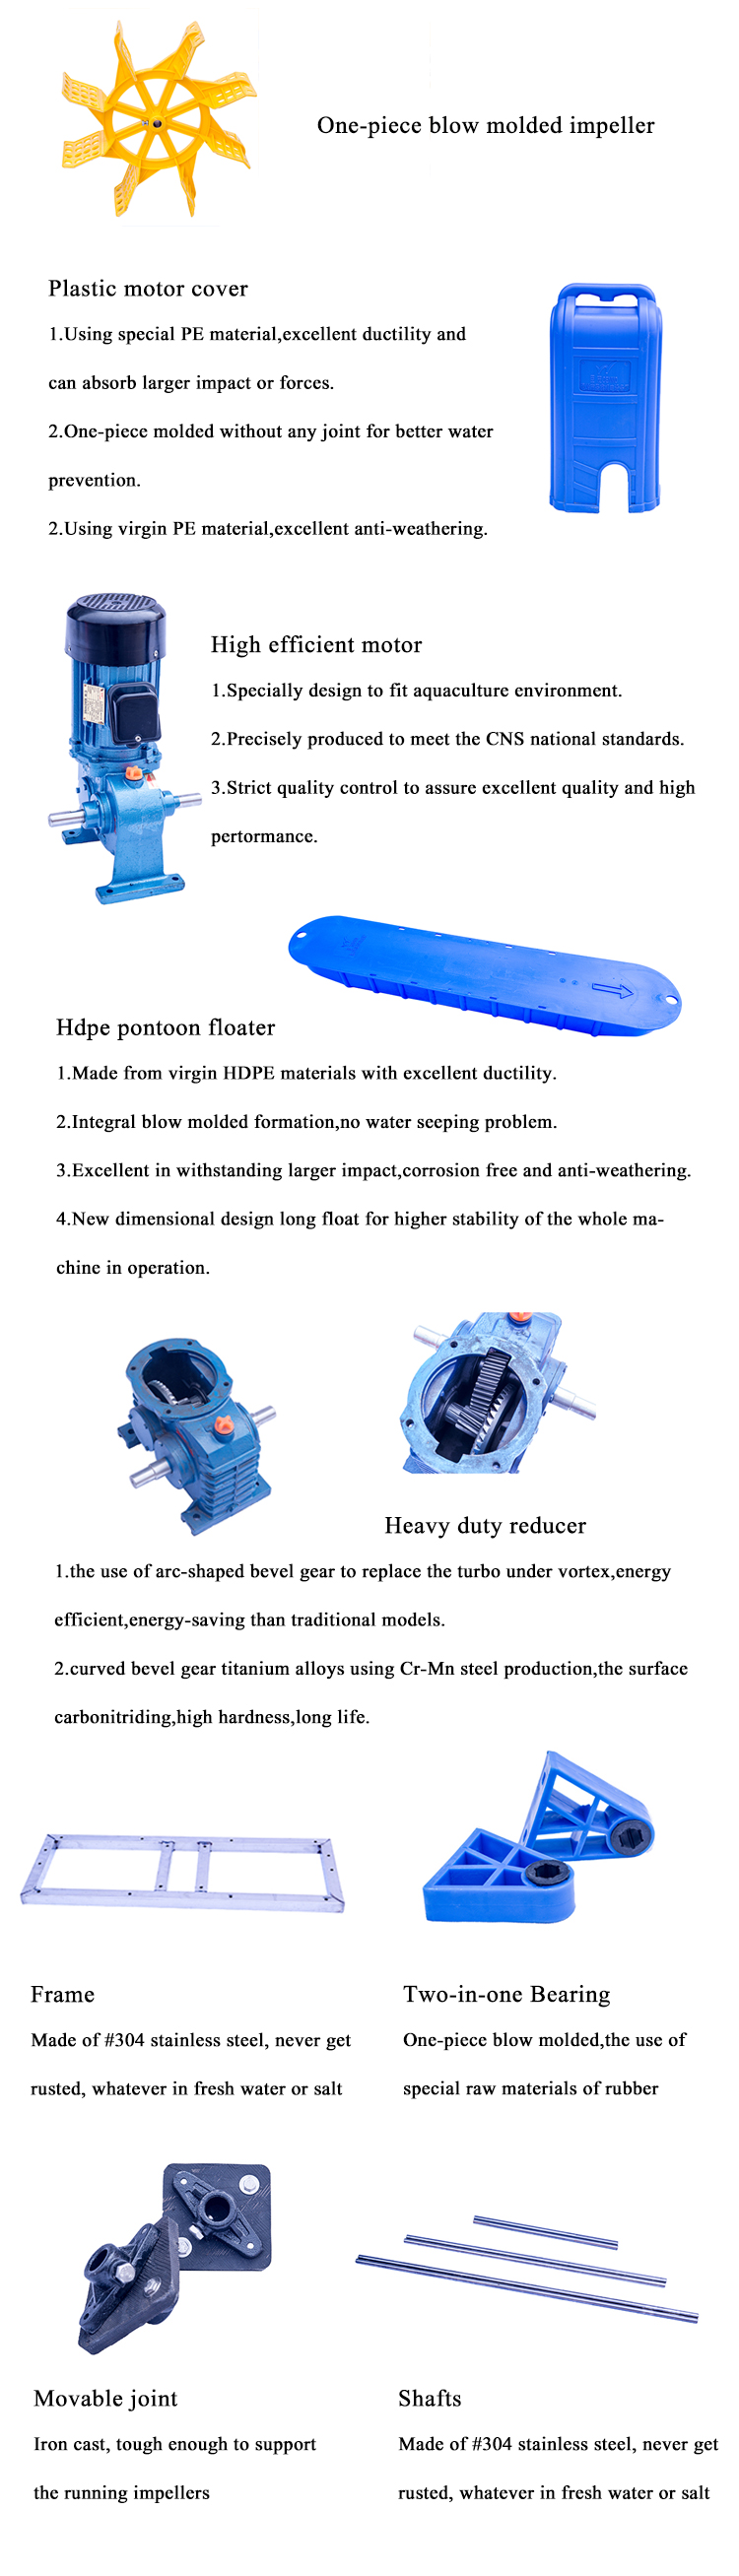 גבוהה חמצון PP מאיץ לברכת דגים חקלאות ההנעה גלגל aerator מאיץ